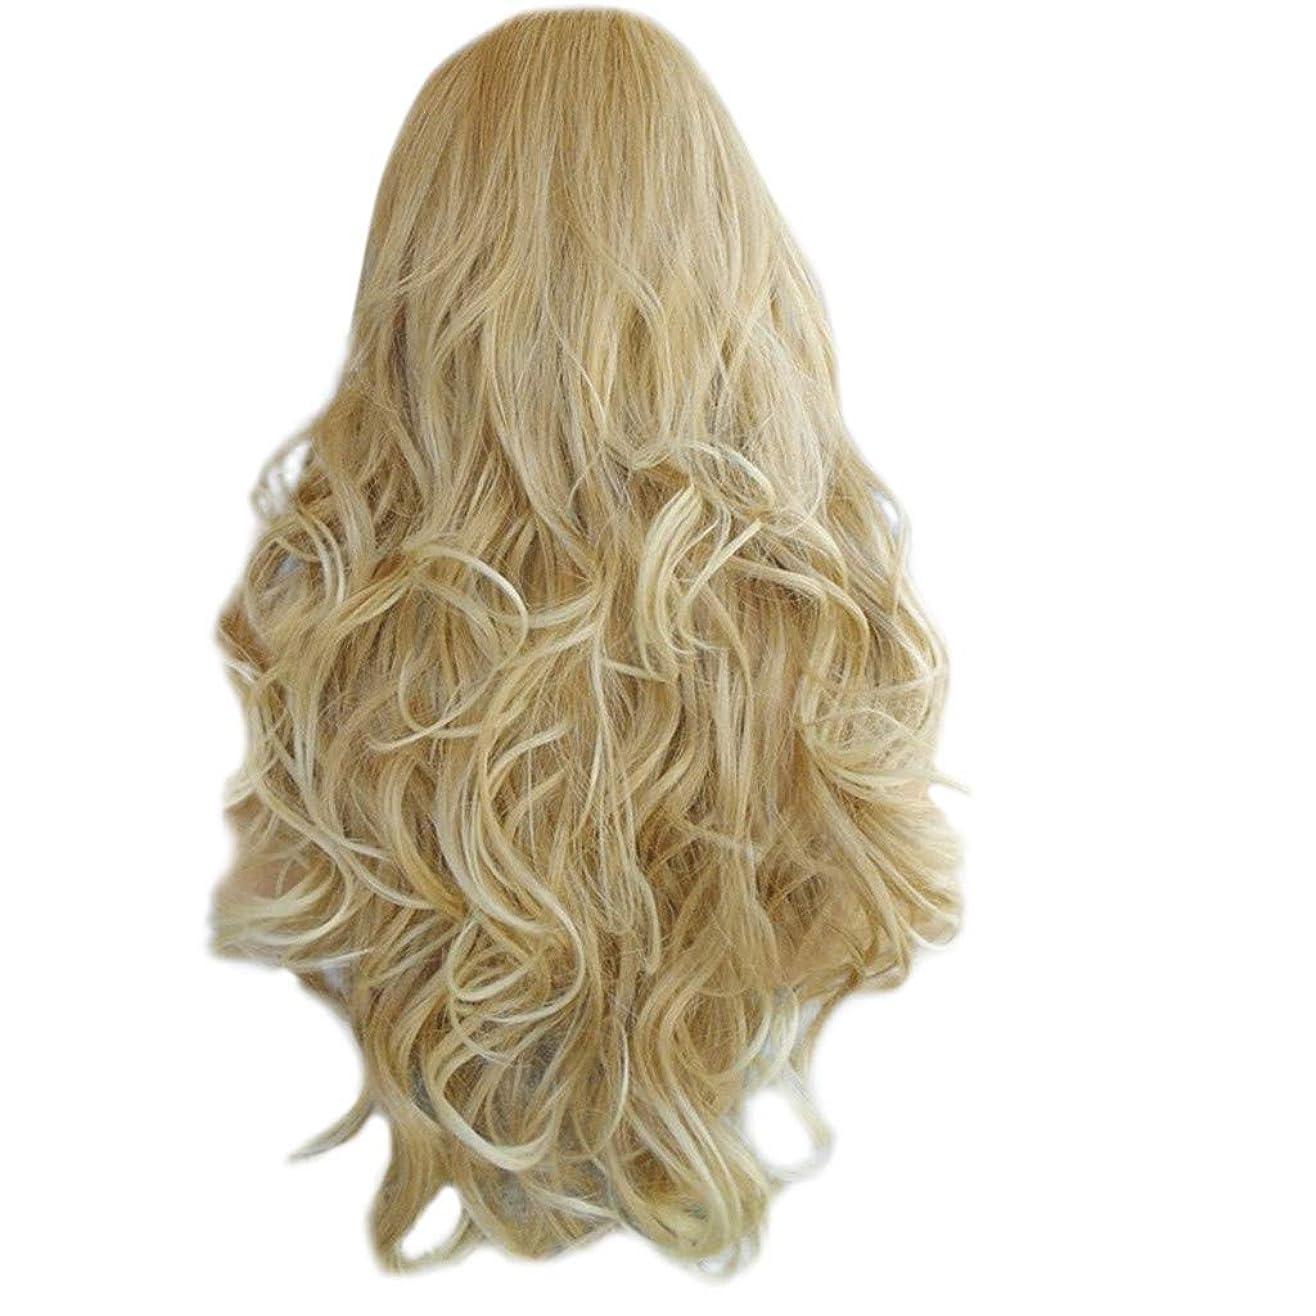 華氏パテ紀元前Feteso 新しい シンデレラ かつら 長い巻き毛 ライトゴールド コスプレ アニメウィッグ Fashion Gold Long Curly Hair Wig Synthetic Water Wave Long Hair Wigs